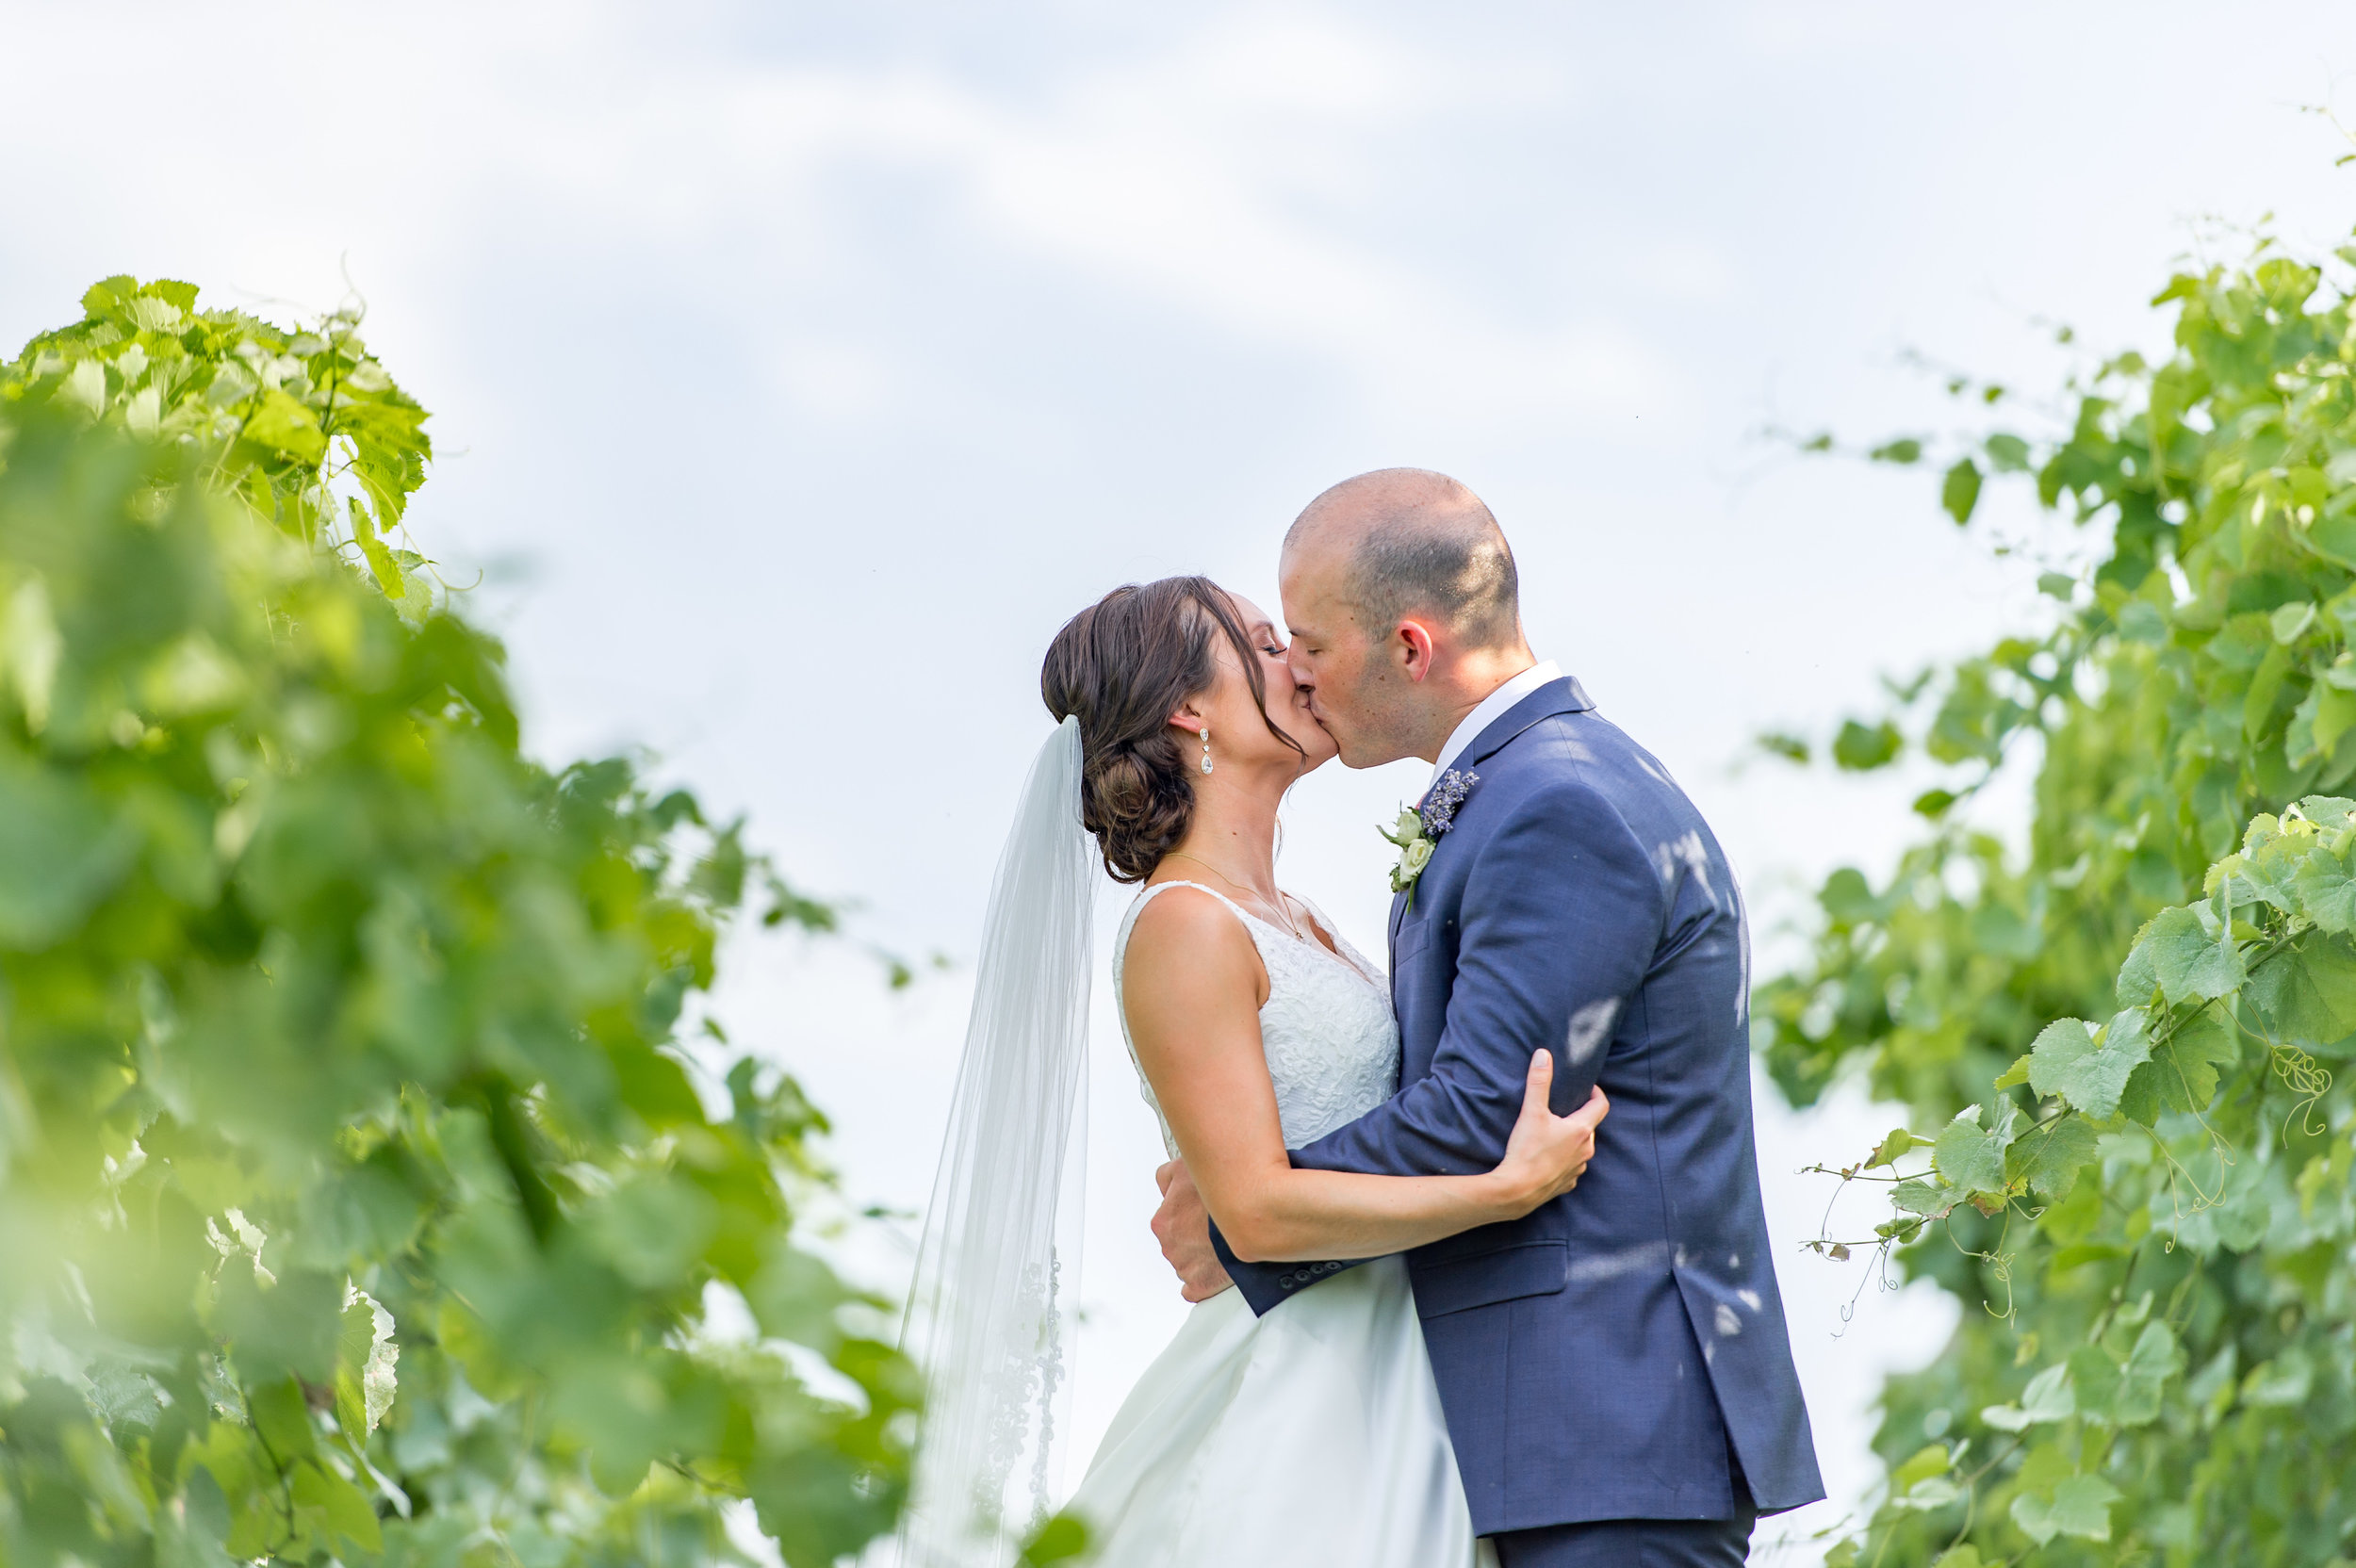 Bride and groom kissing in summer vineyard